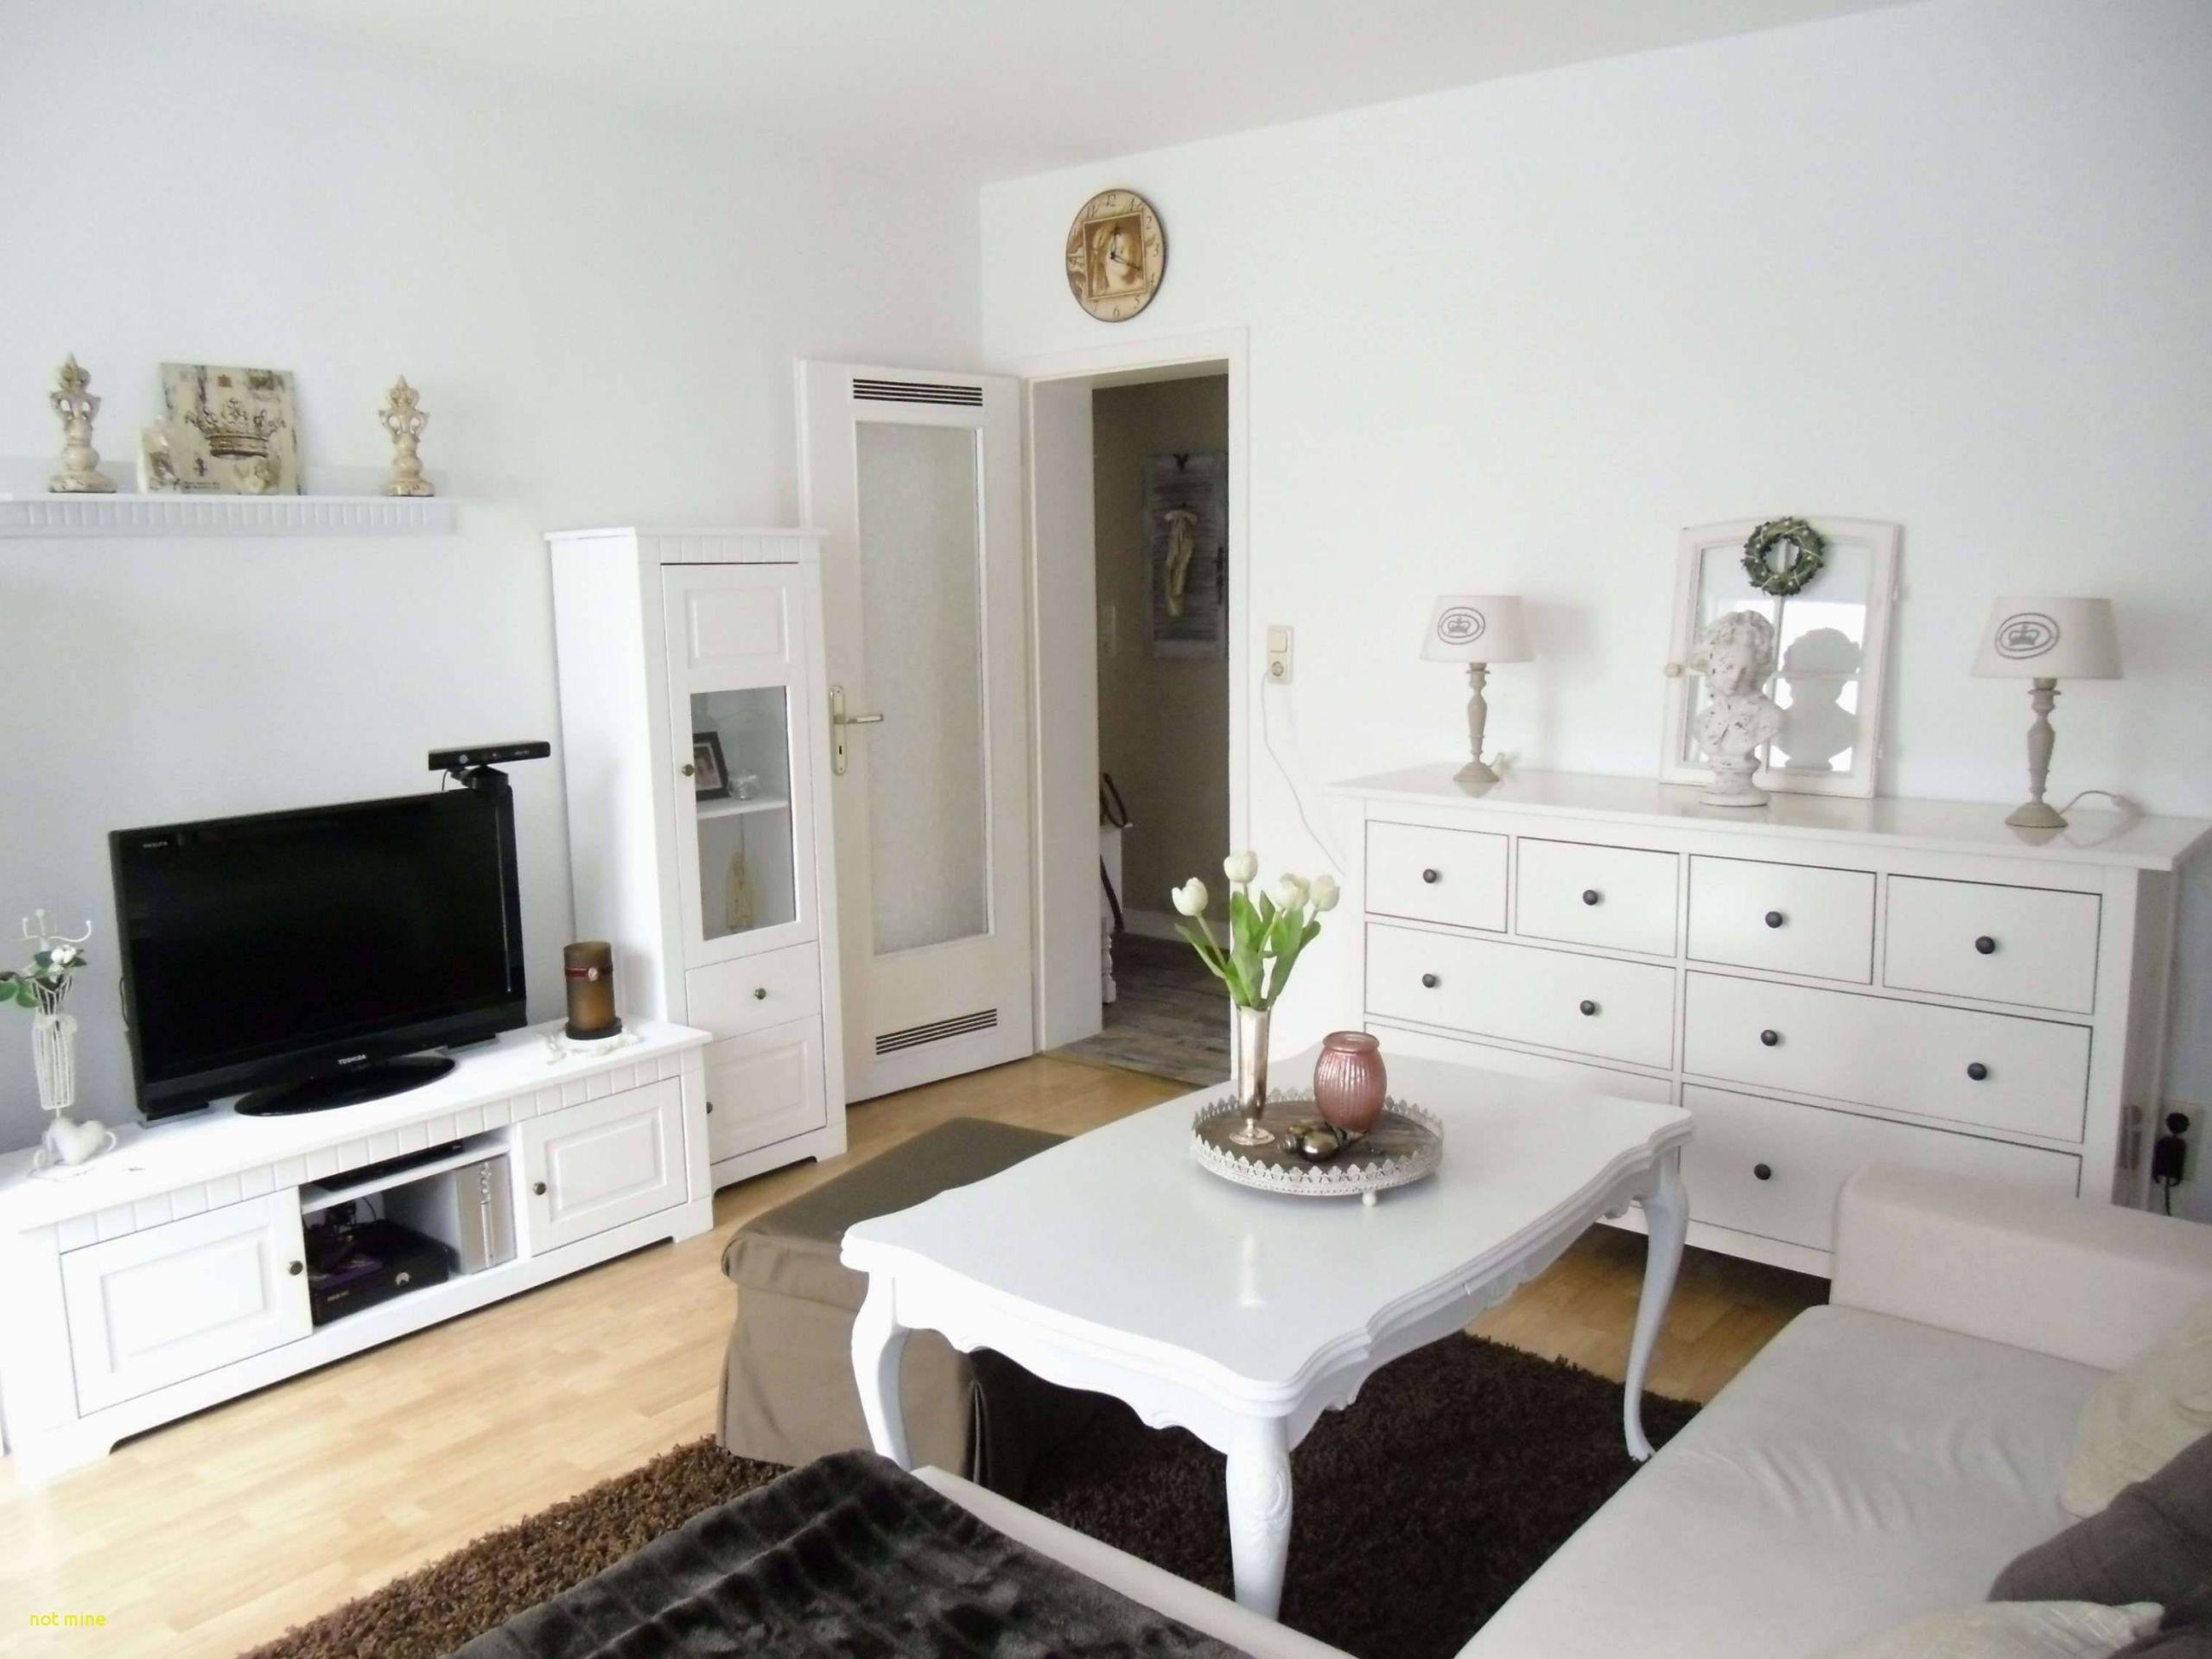 deko ecke wohnzimmer beautiful 34 einzigartig alte fenster als deko im garten of deko ecke wohnzimmer